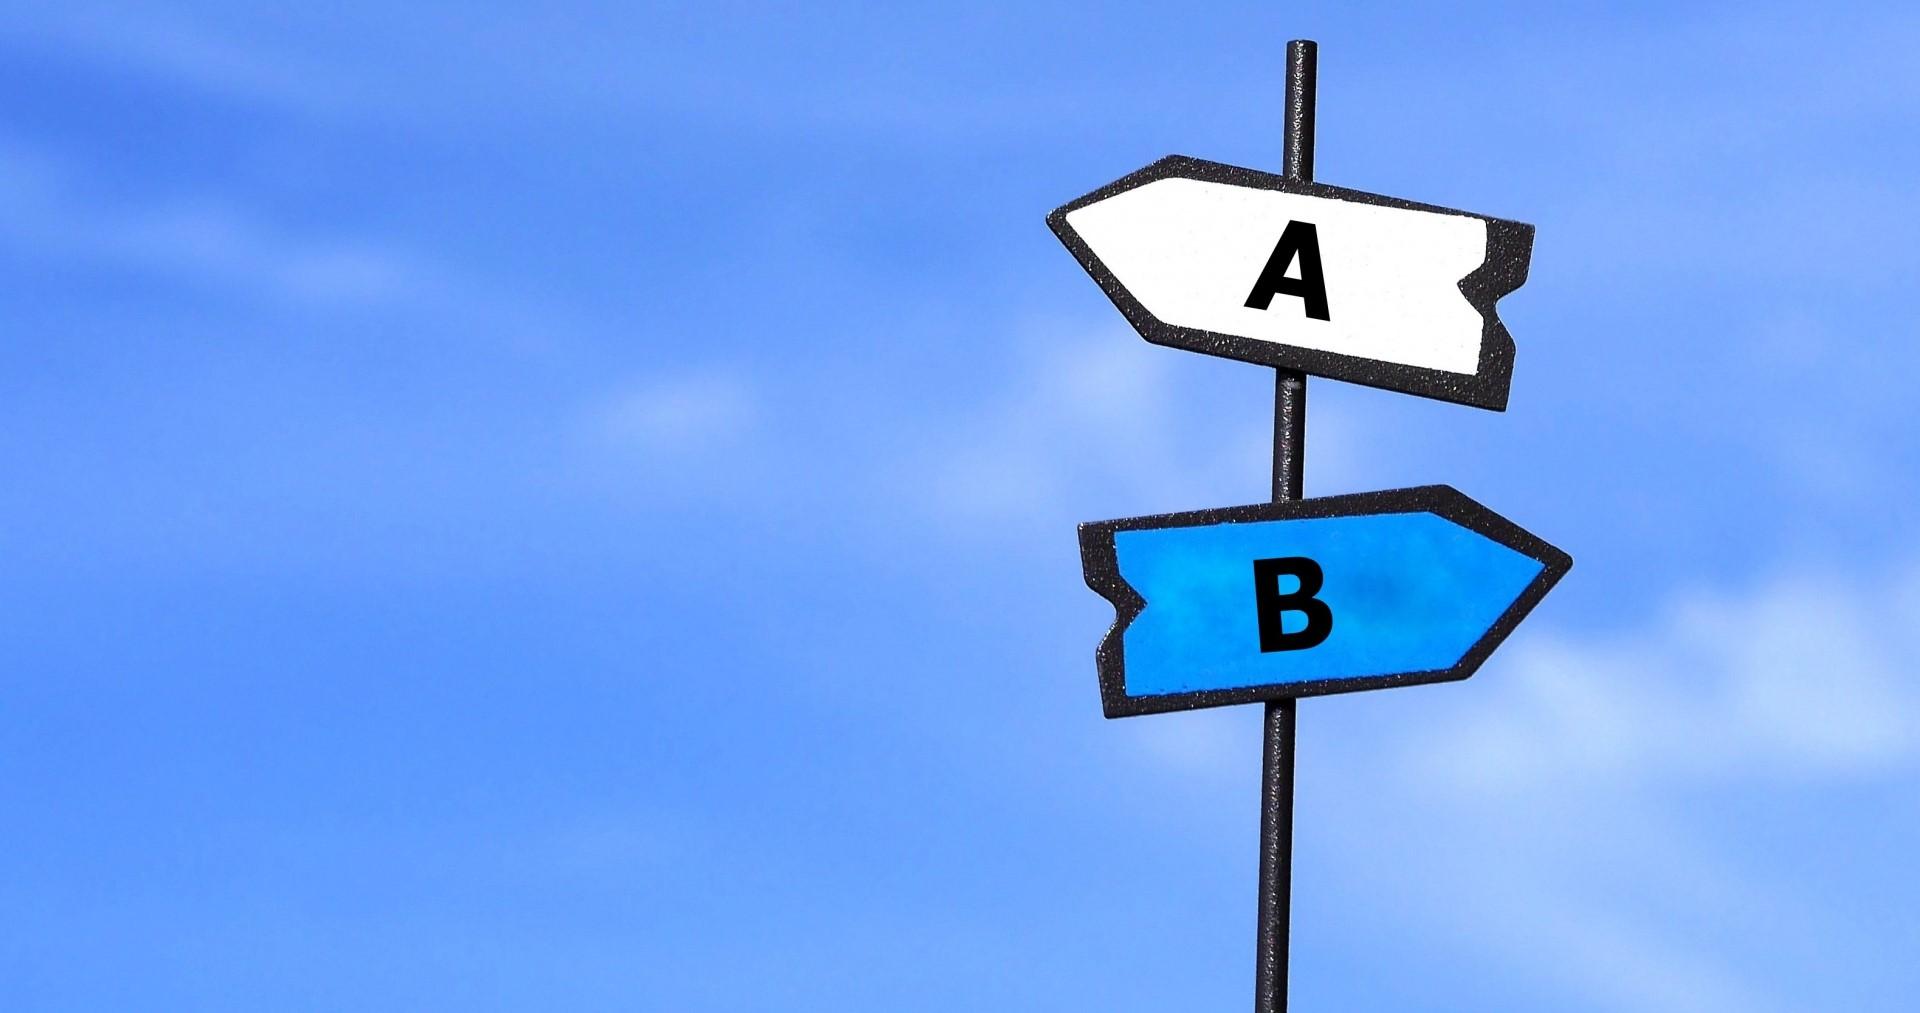 開設届と出張届はどちらがよいのか